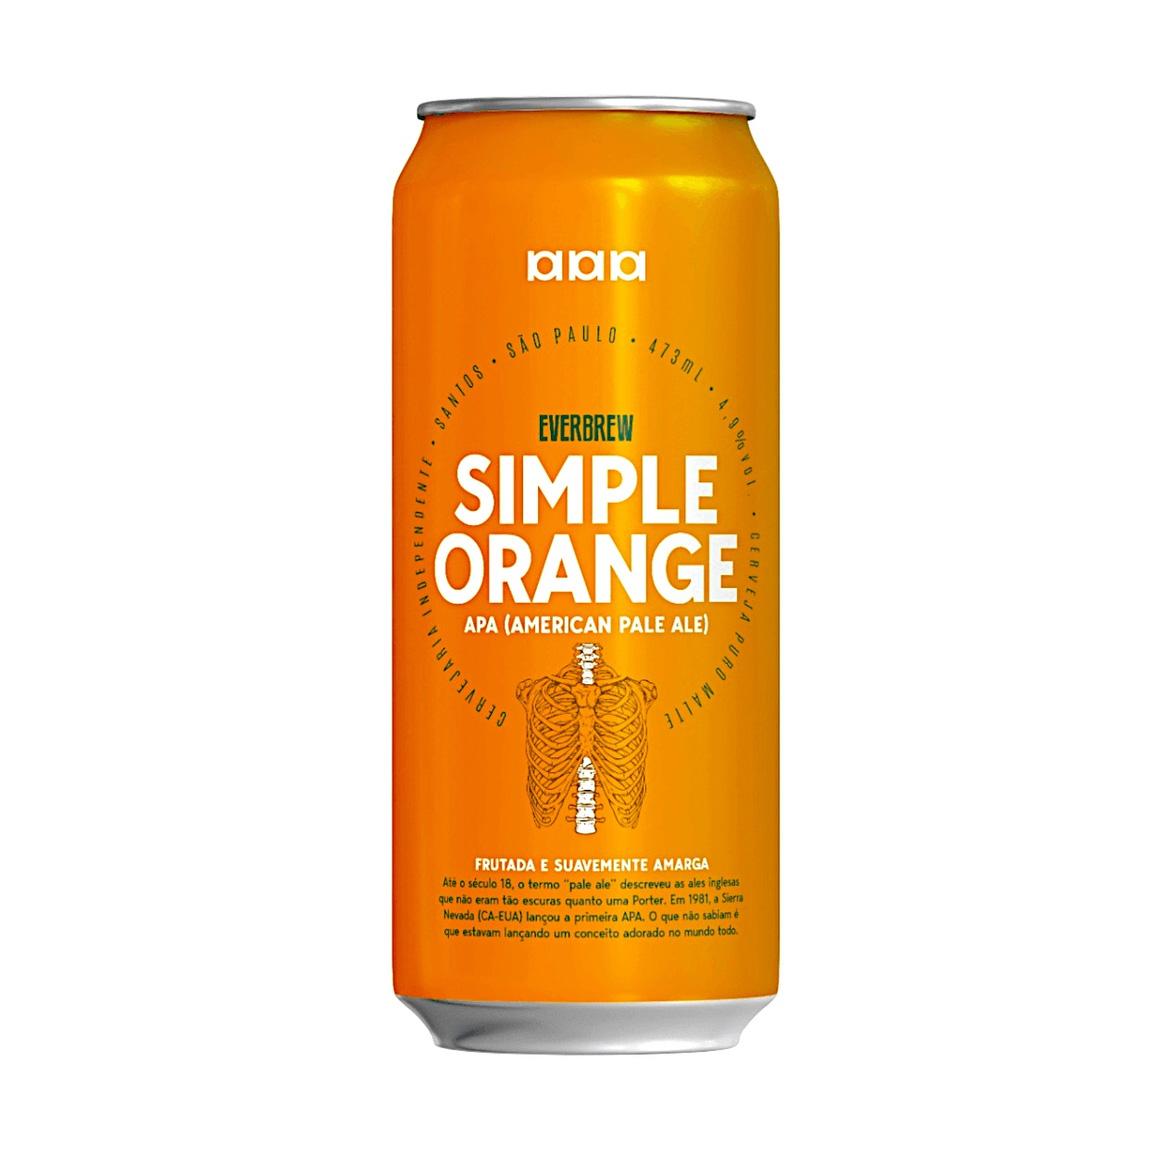 Cerveja Everbrew Simple Orange American Pale Ale Lata 473ml  - Geek N